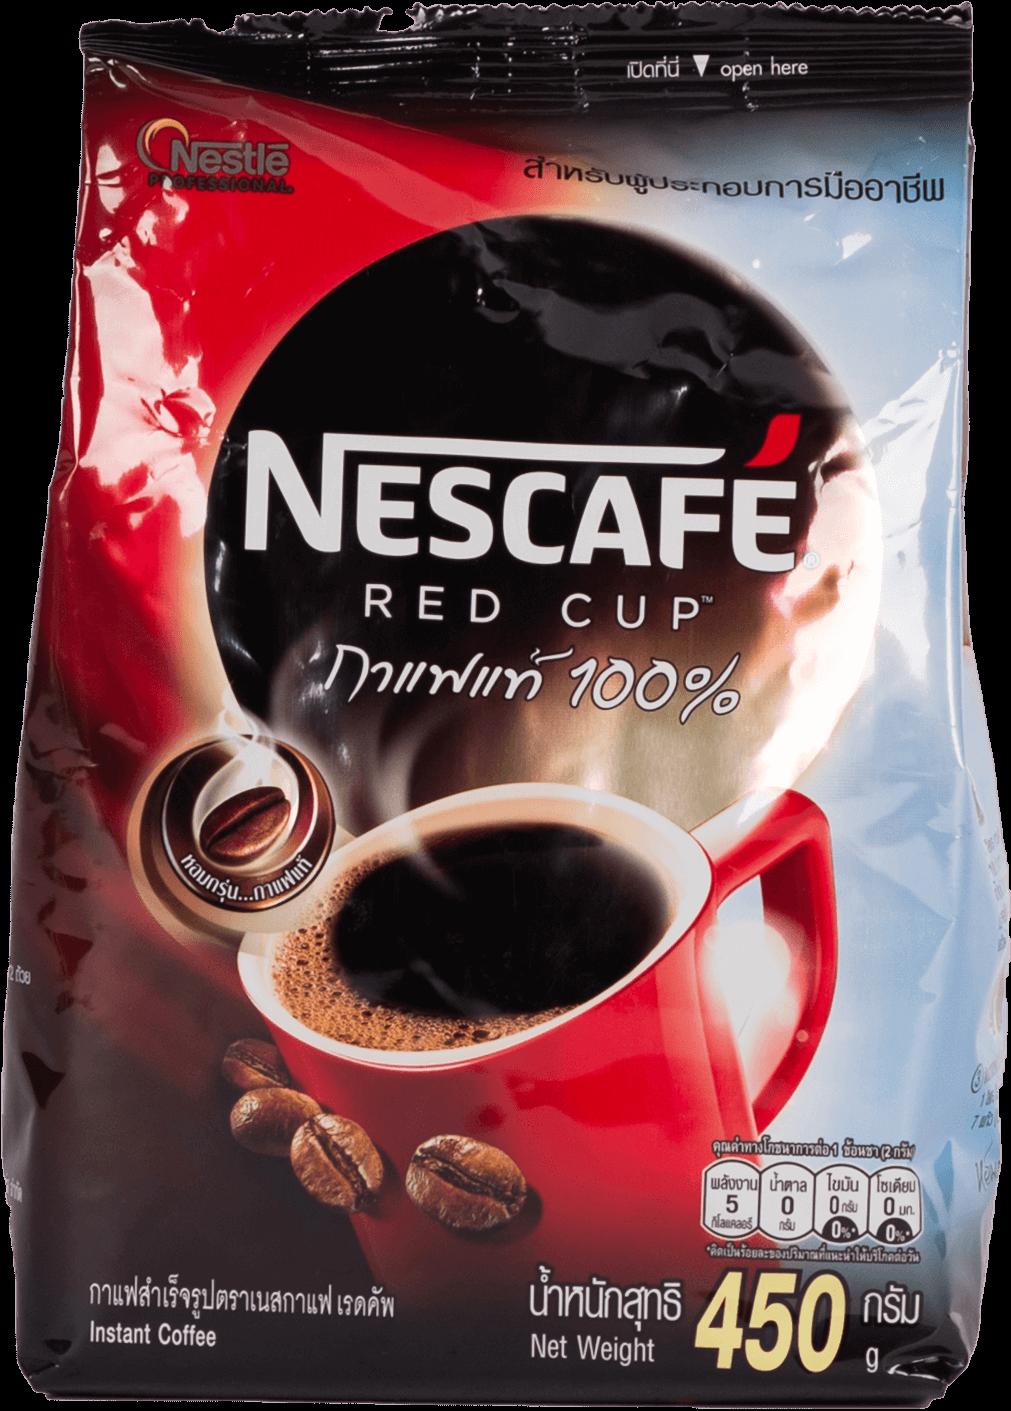 เนสกาแฟ เรดคัพ 450 กรัม